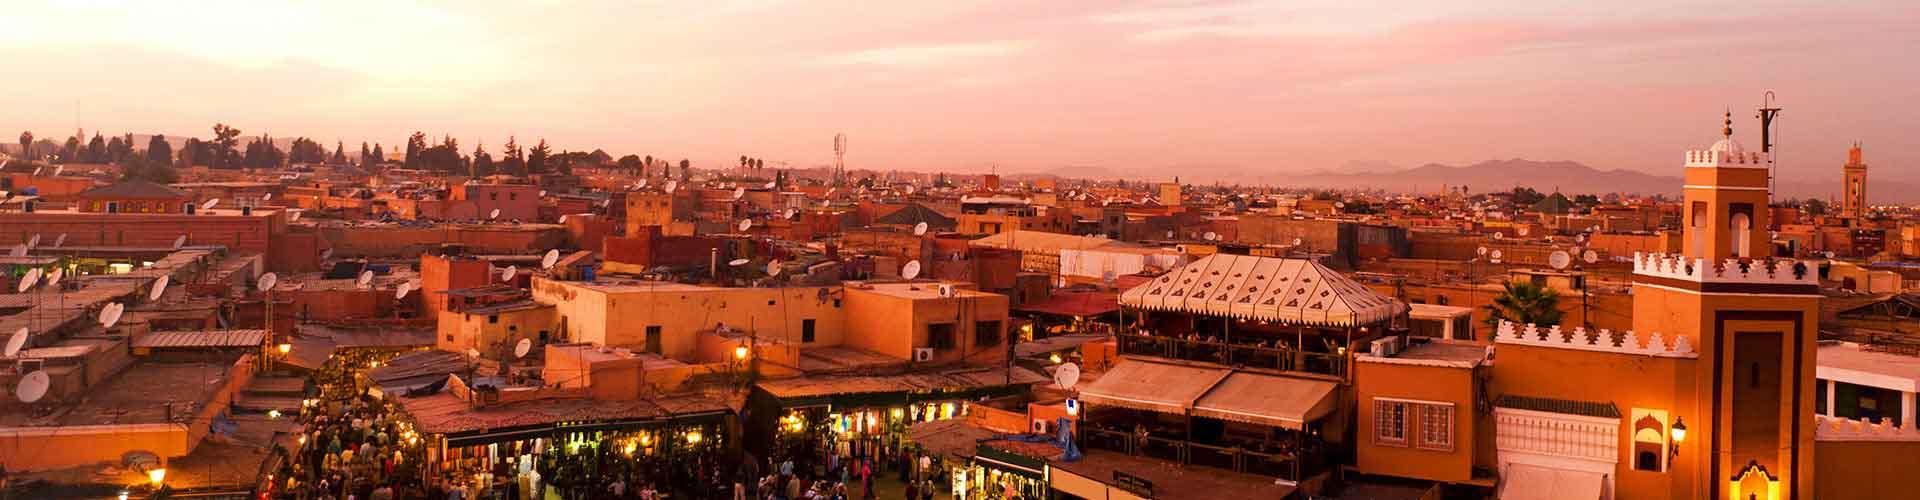 Marrakech - Appartments à Marrakech. Cartes pour Marrakech, photos et commentaires pour chaque appartement à Marrakech.